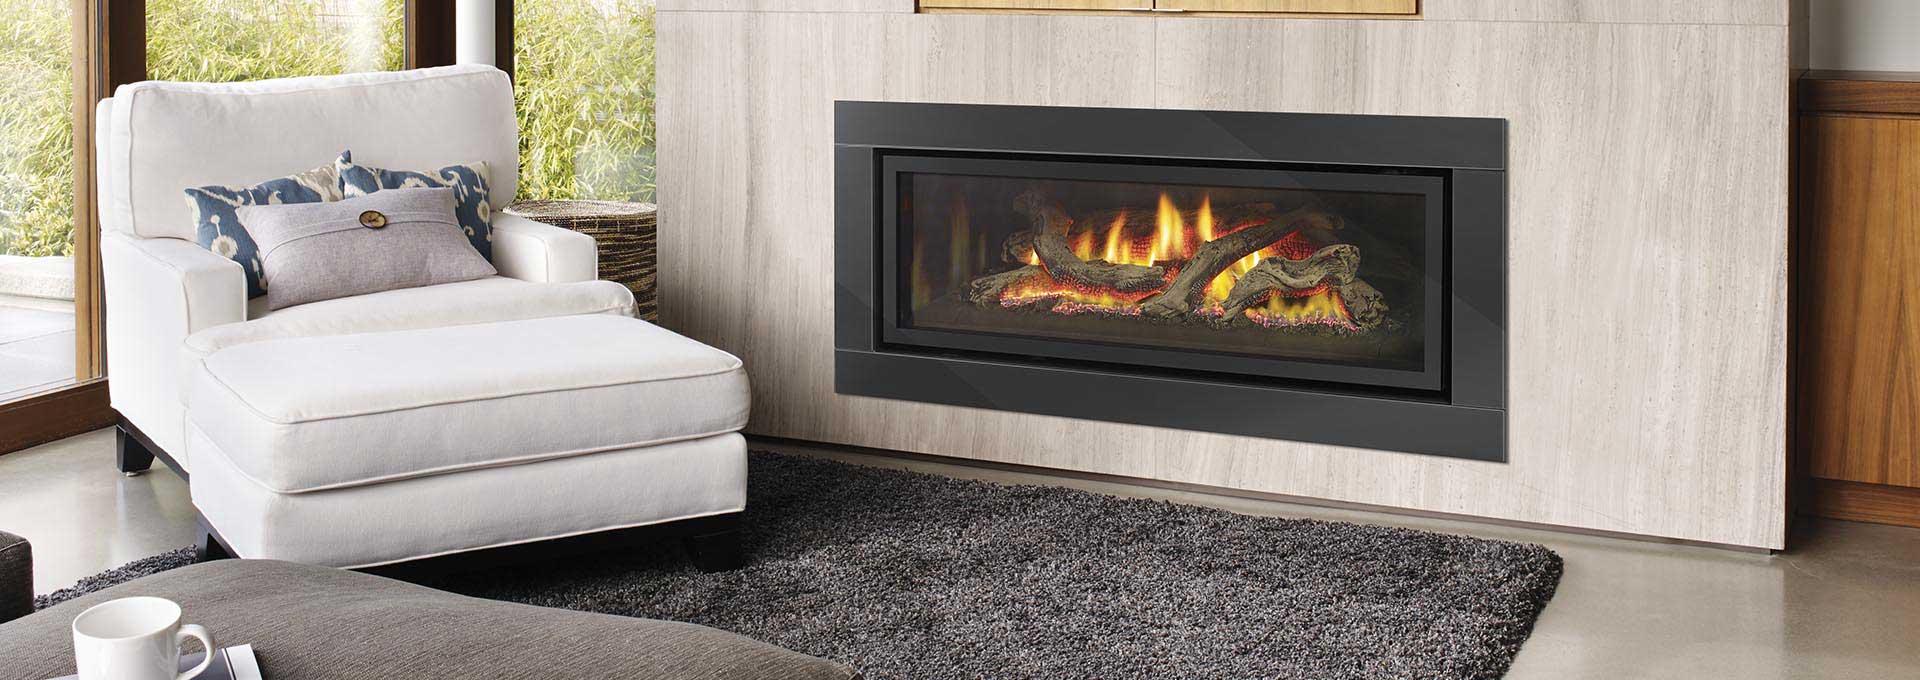 Greenfire GF1500L Gas Log Fire - Gas Fireplaces - Regency ...